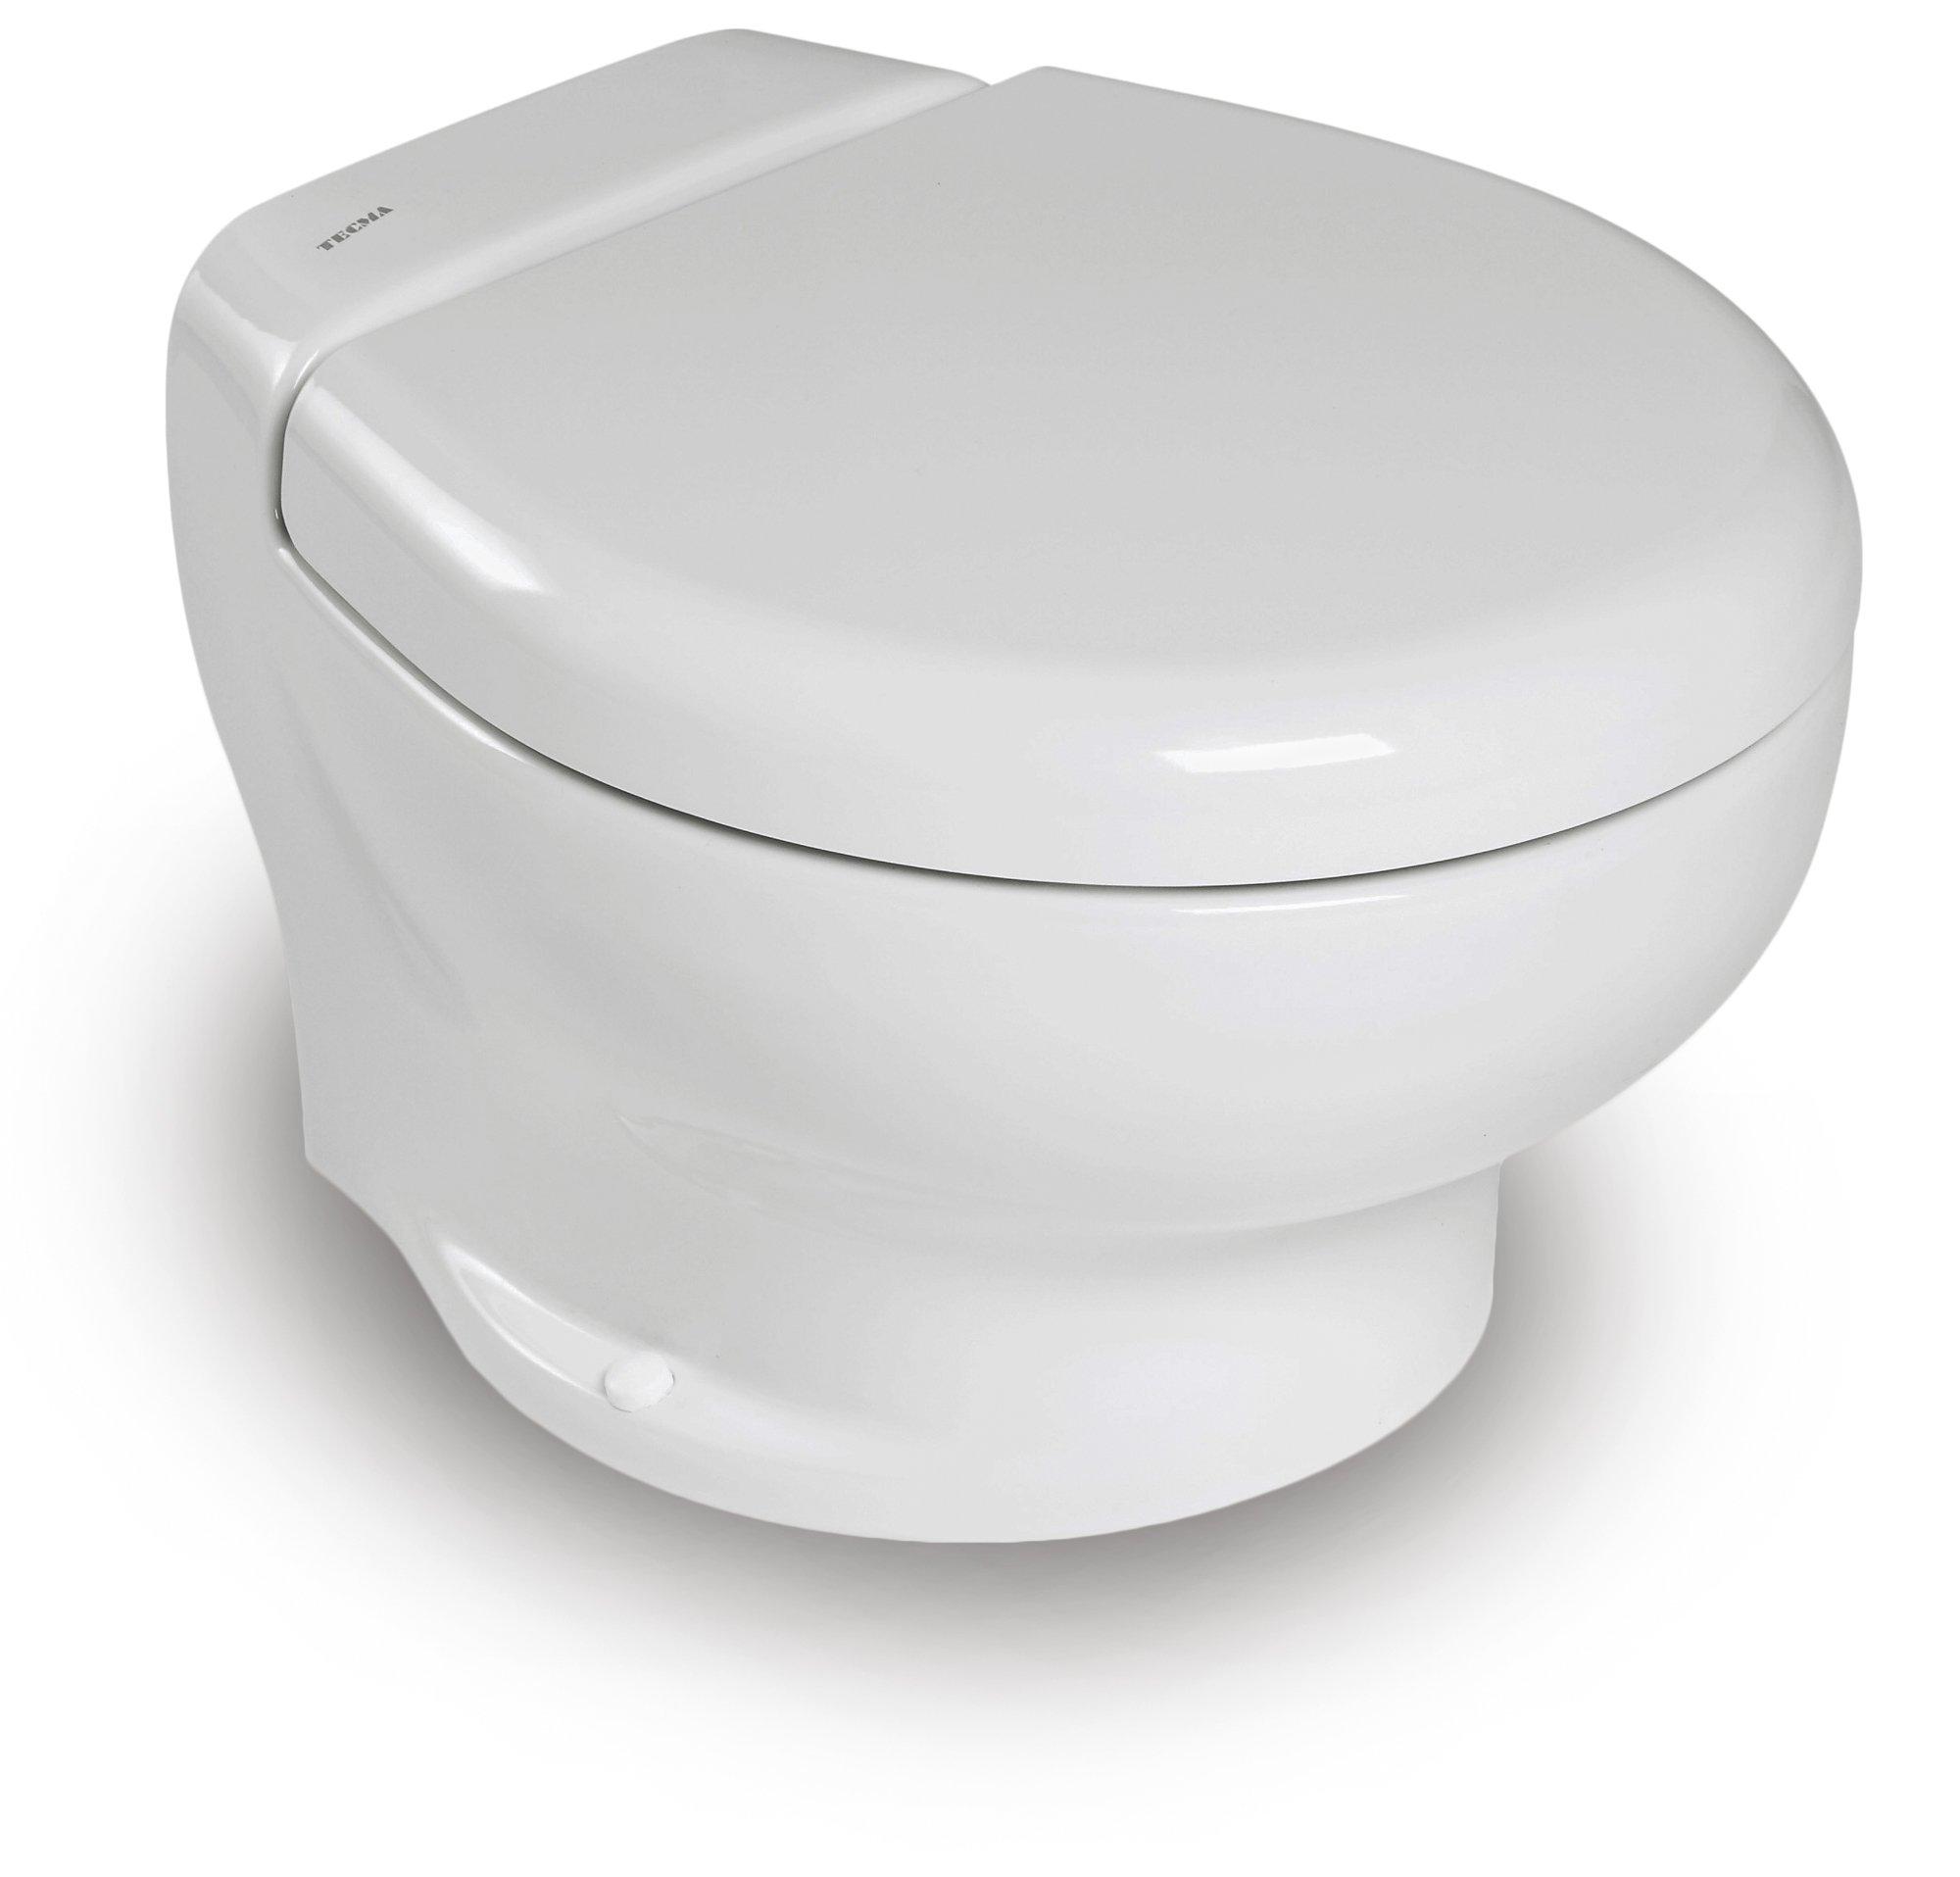 Thetford Marine Nano ECO MACERATING Toilet, 12V, White 38983